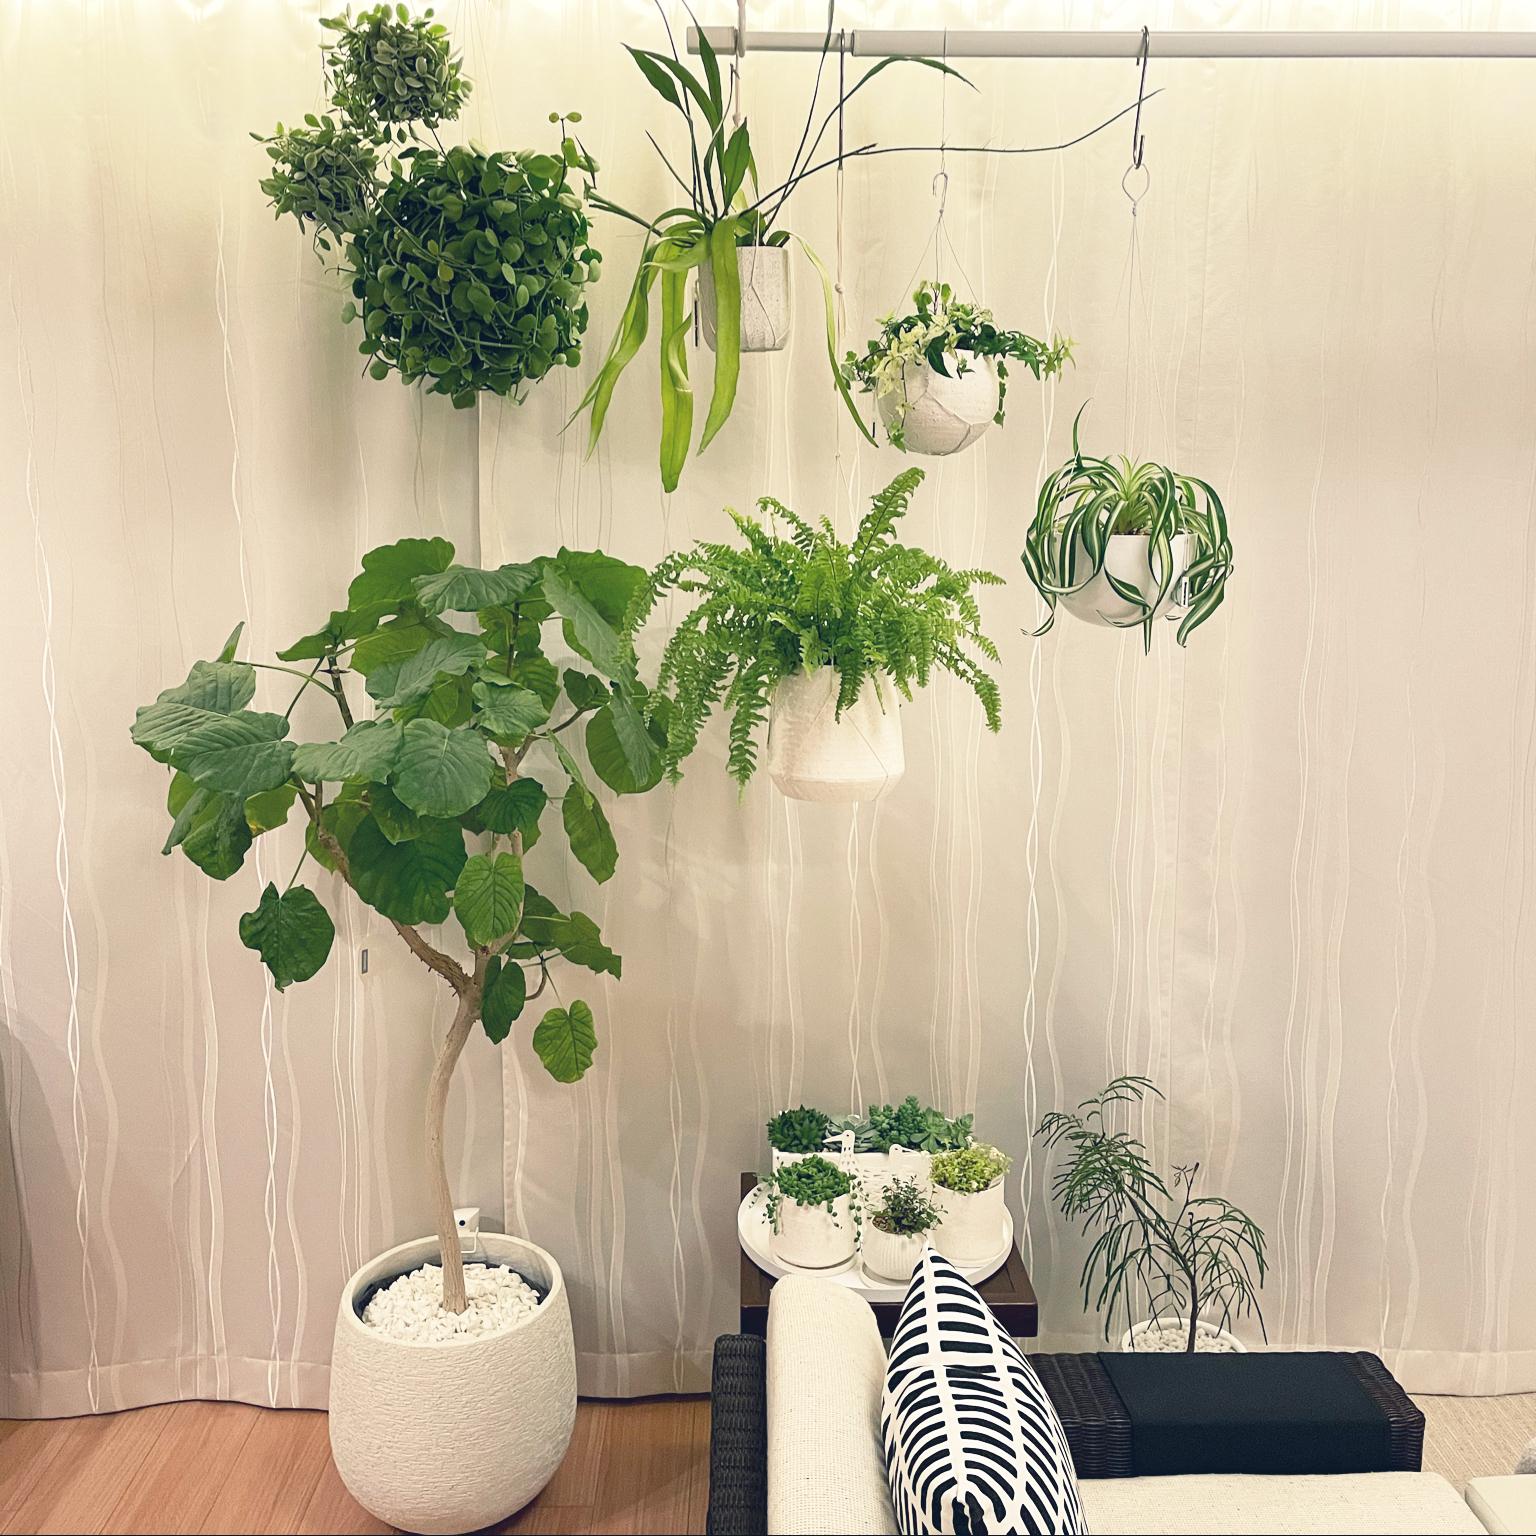 アイビー寄せ植え/ハンギンググリーン/観葉植物/北欧/マンションインテリア...などのインテリア実例 - 2021-04-21 19:54:43